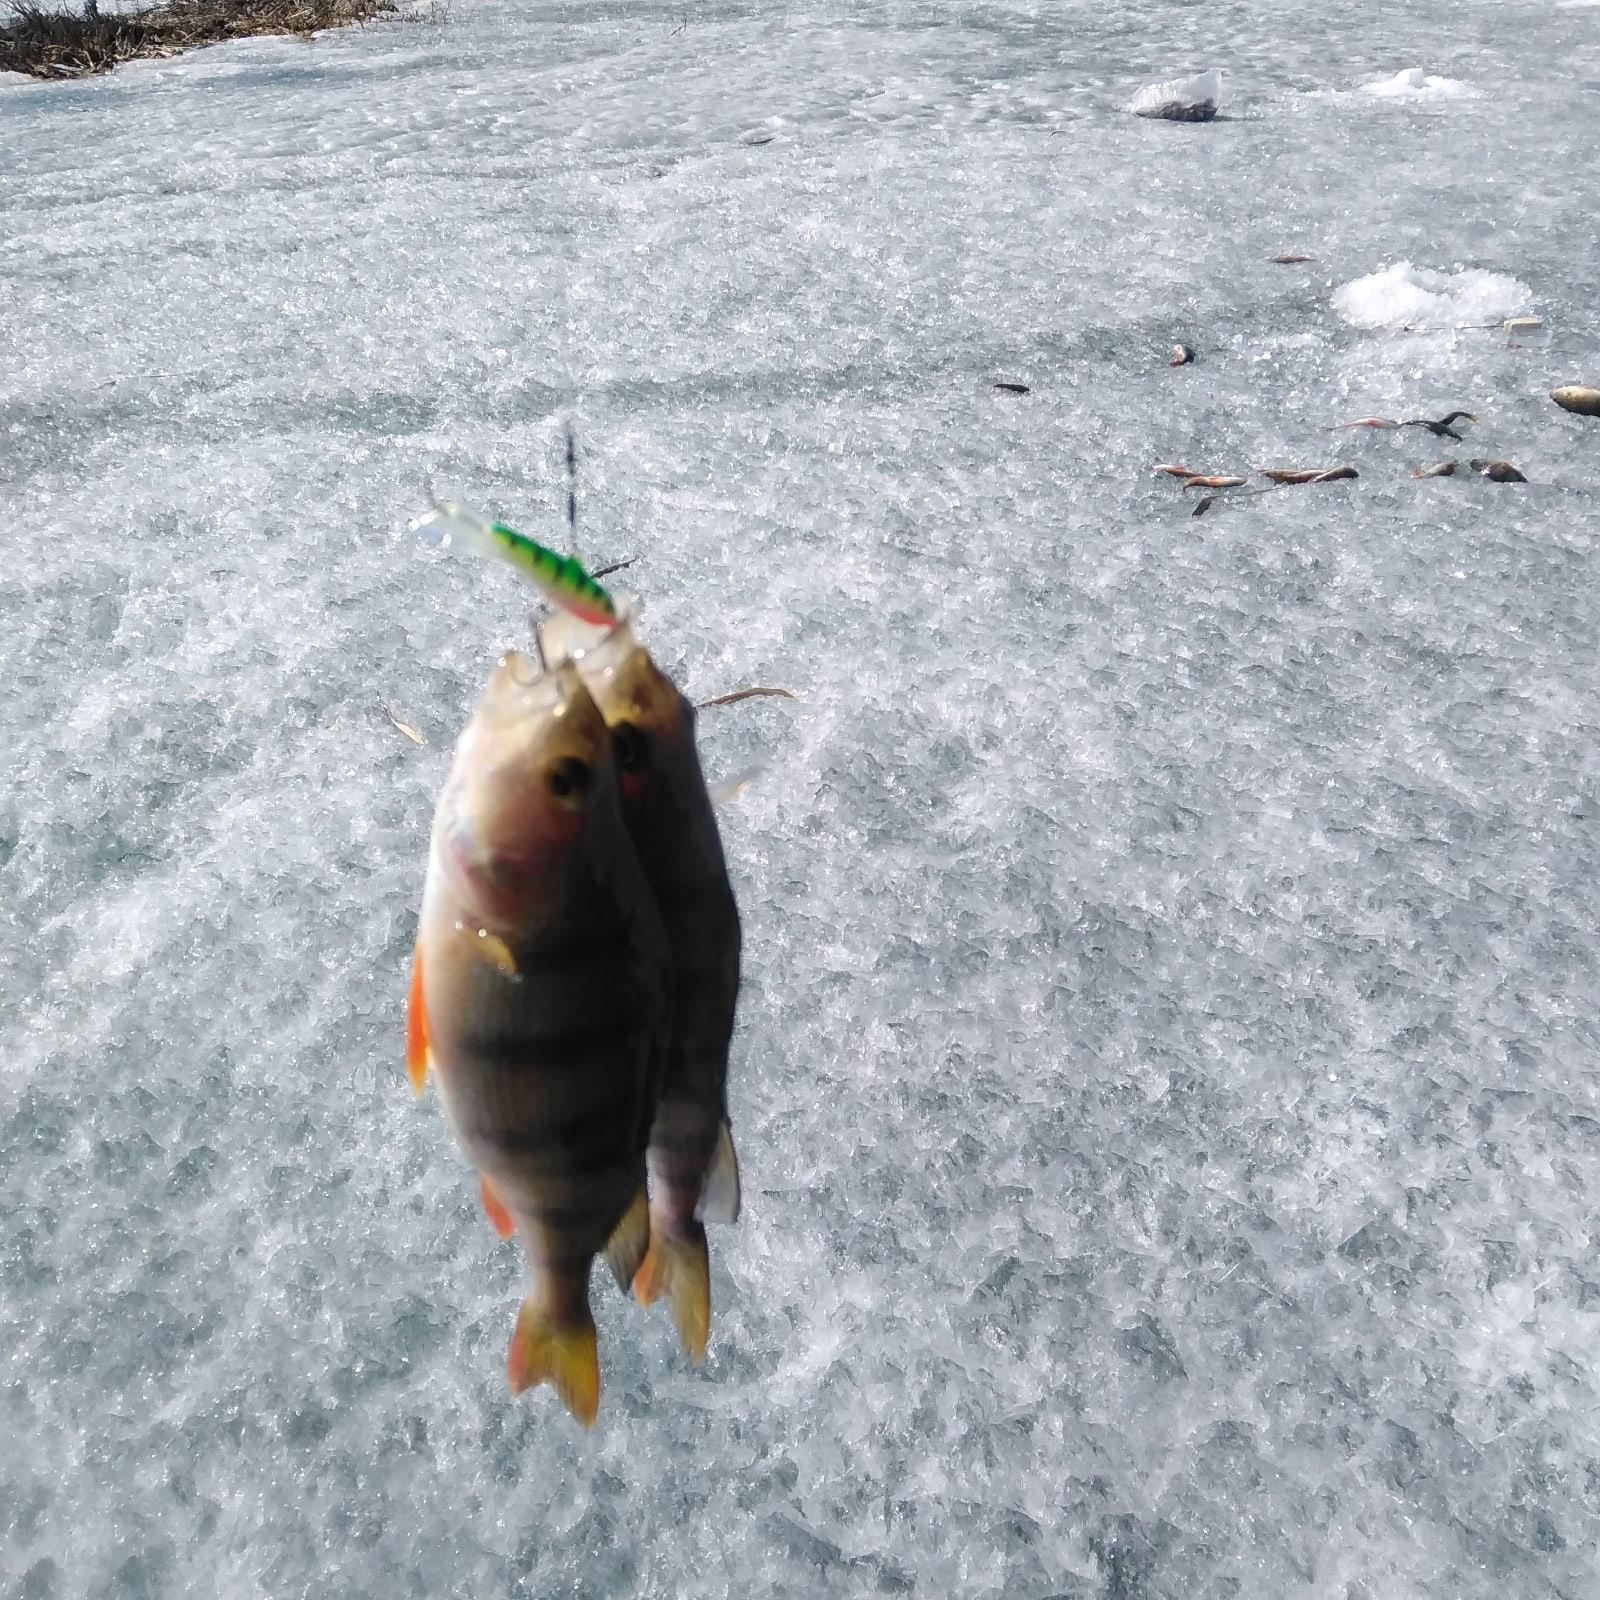 фото Сибирские рыбаки закрыли сезон зимней рыбалки 4